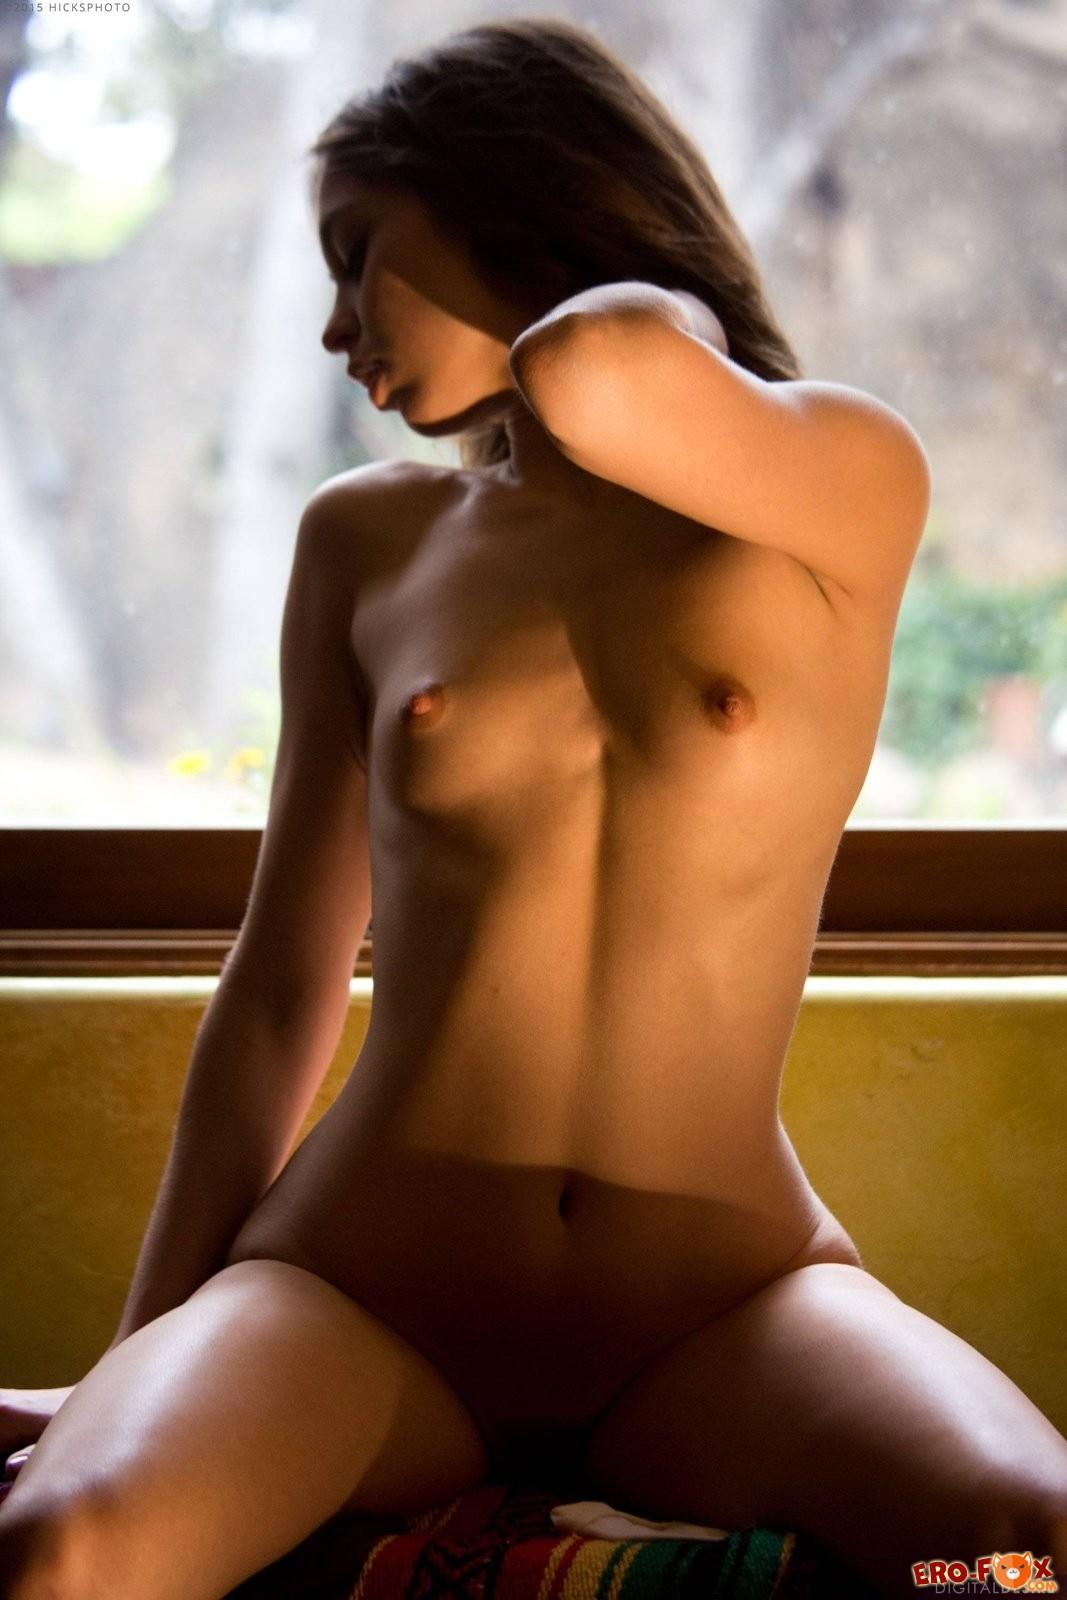 Красотка показала маленькую грудь и киску